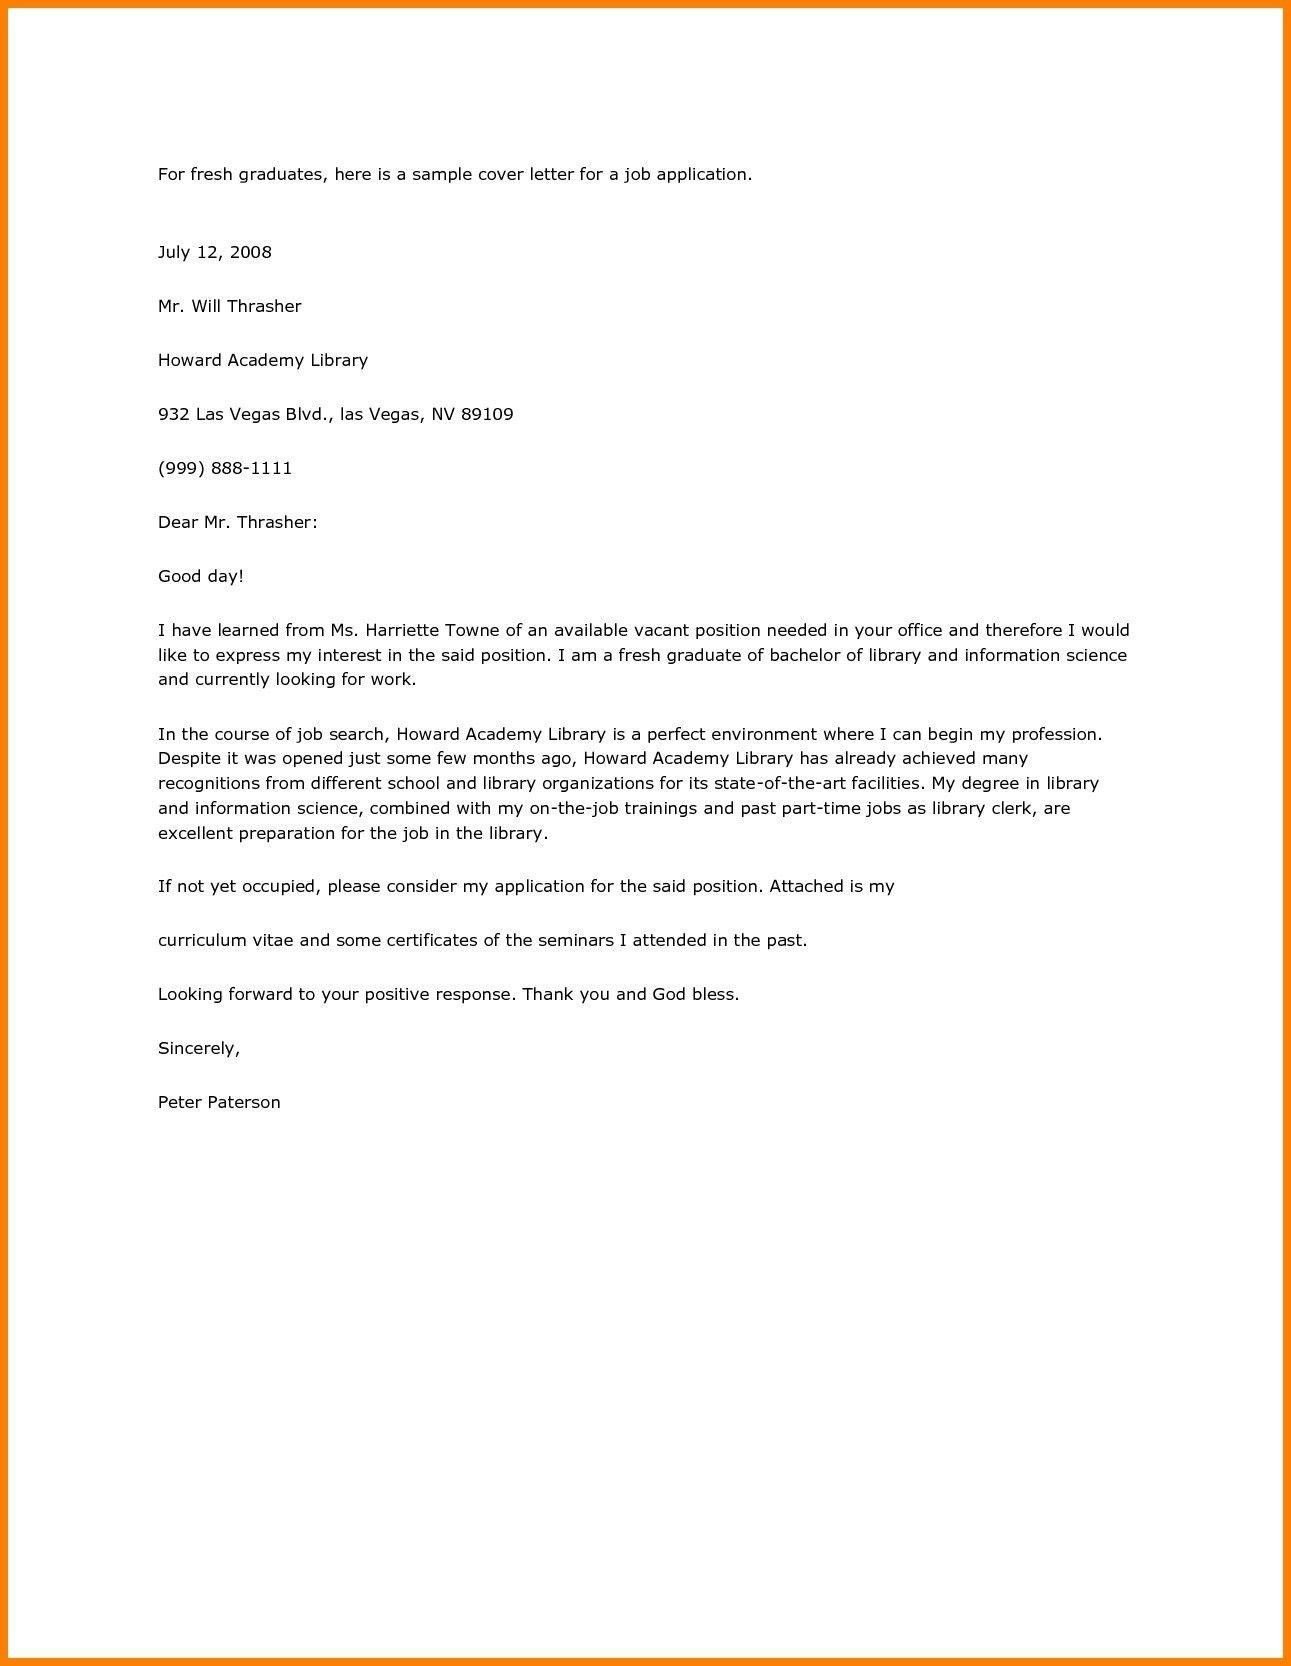 30+ Resume Cover Letter Sample in 2020 Cover letter for